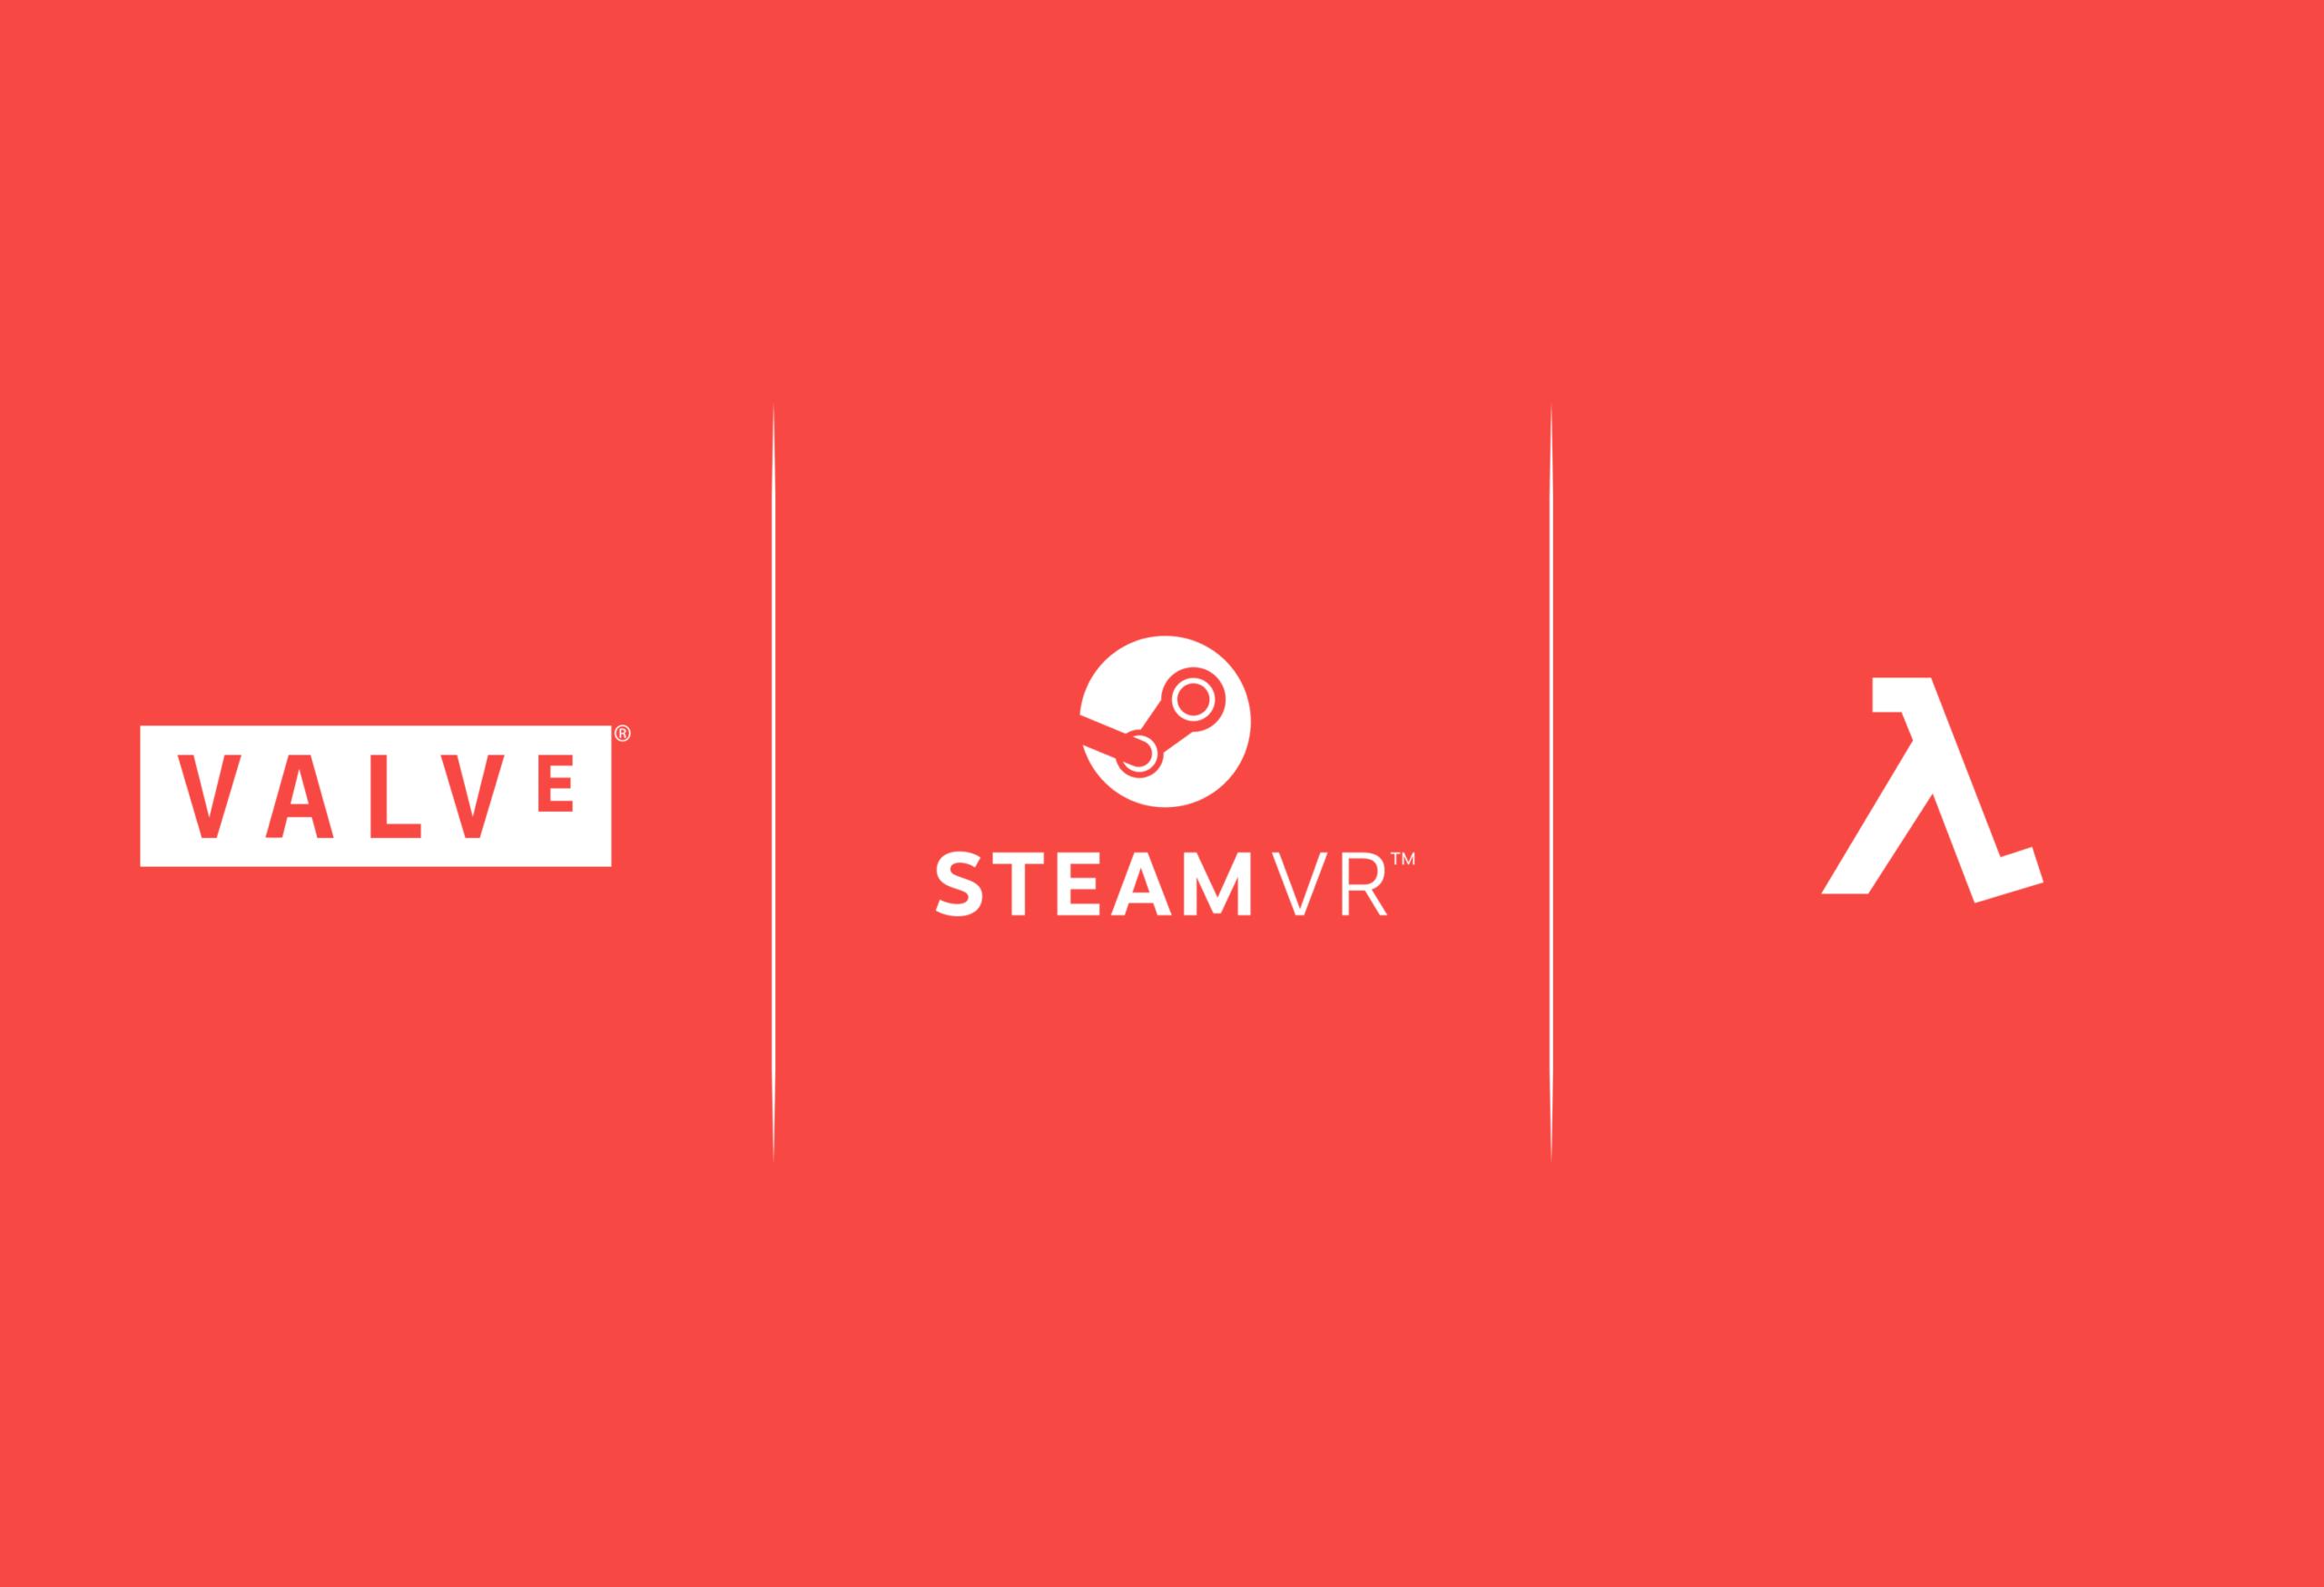 Valve анонсировала VR игру Half-Life: Alyx.